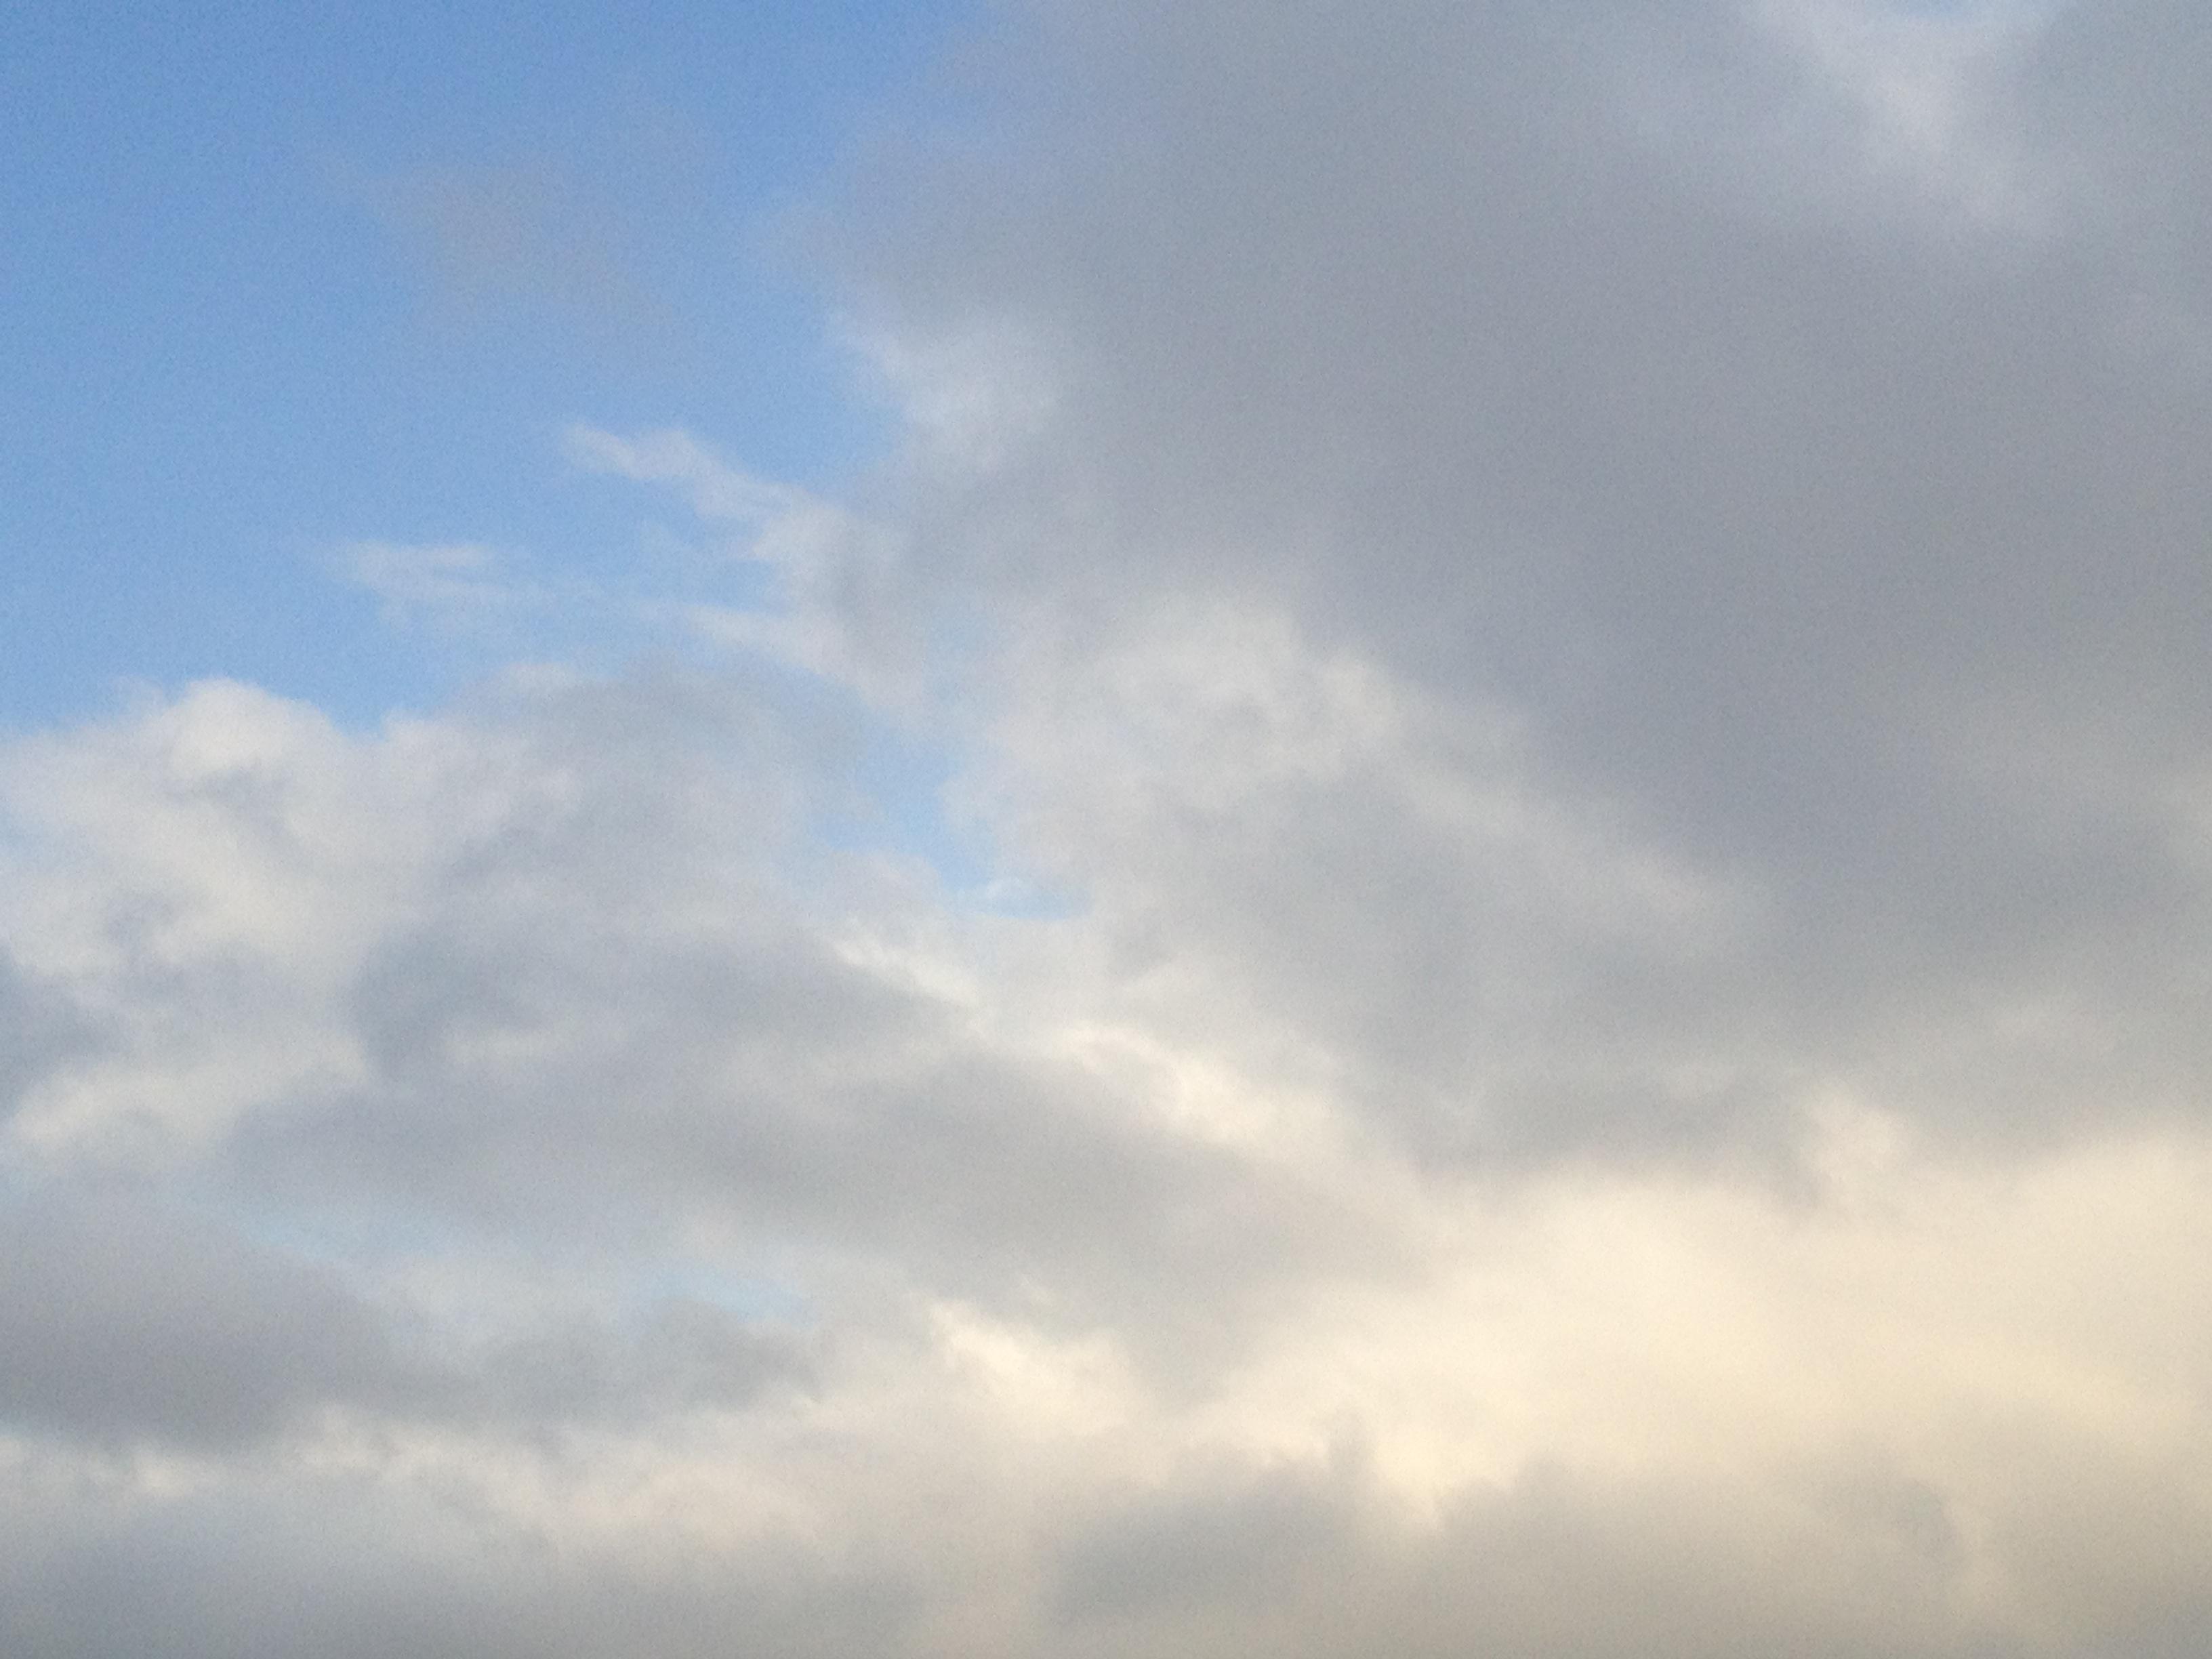 雲はあるけど明るい夕方